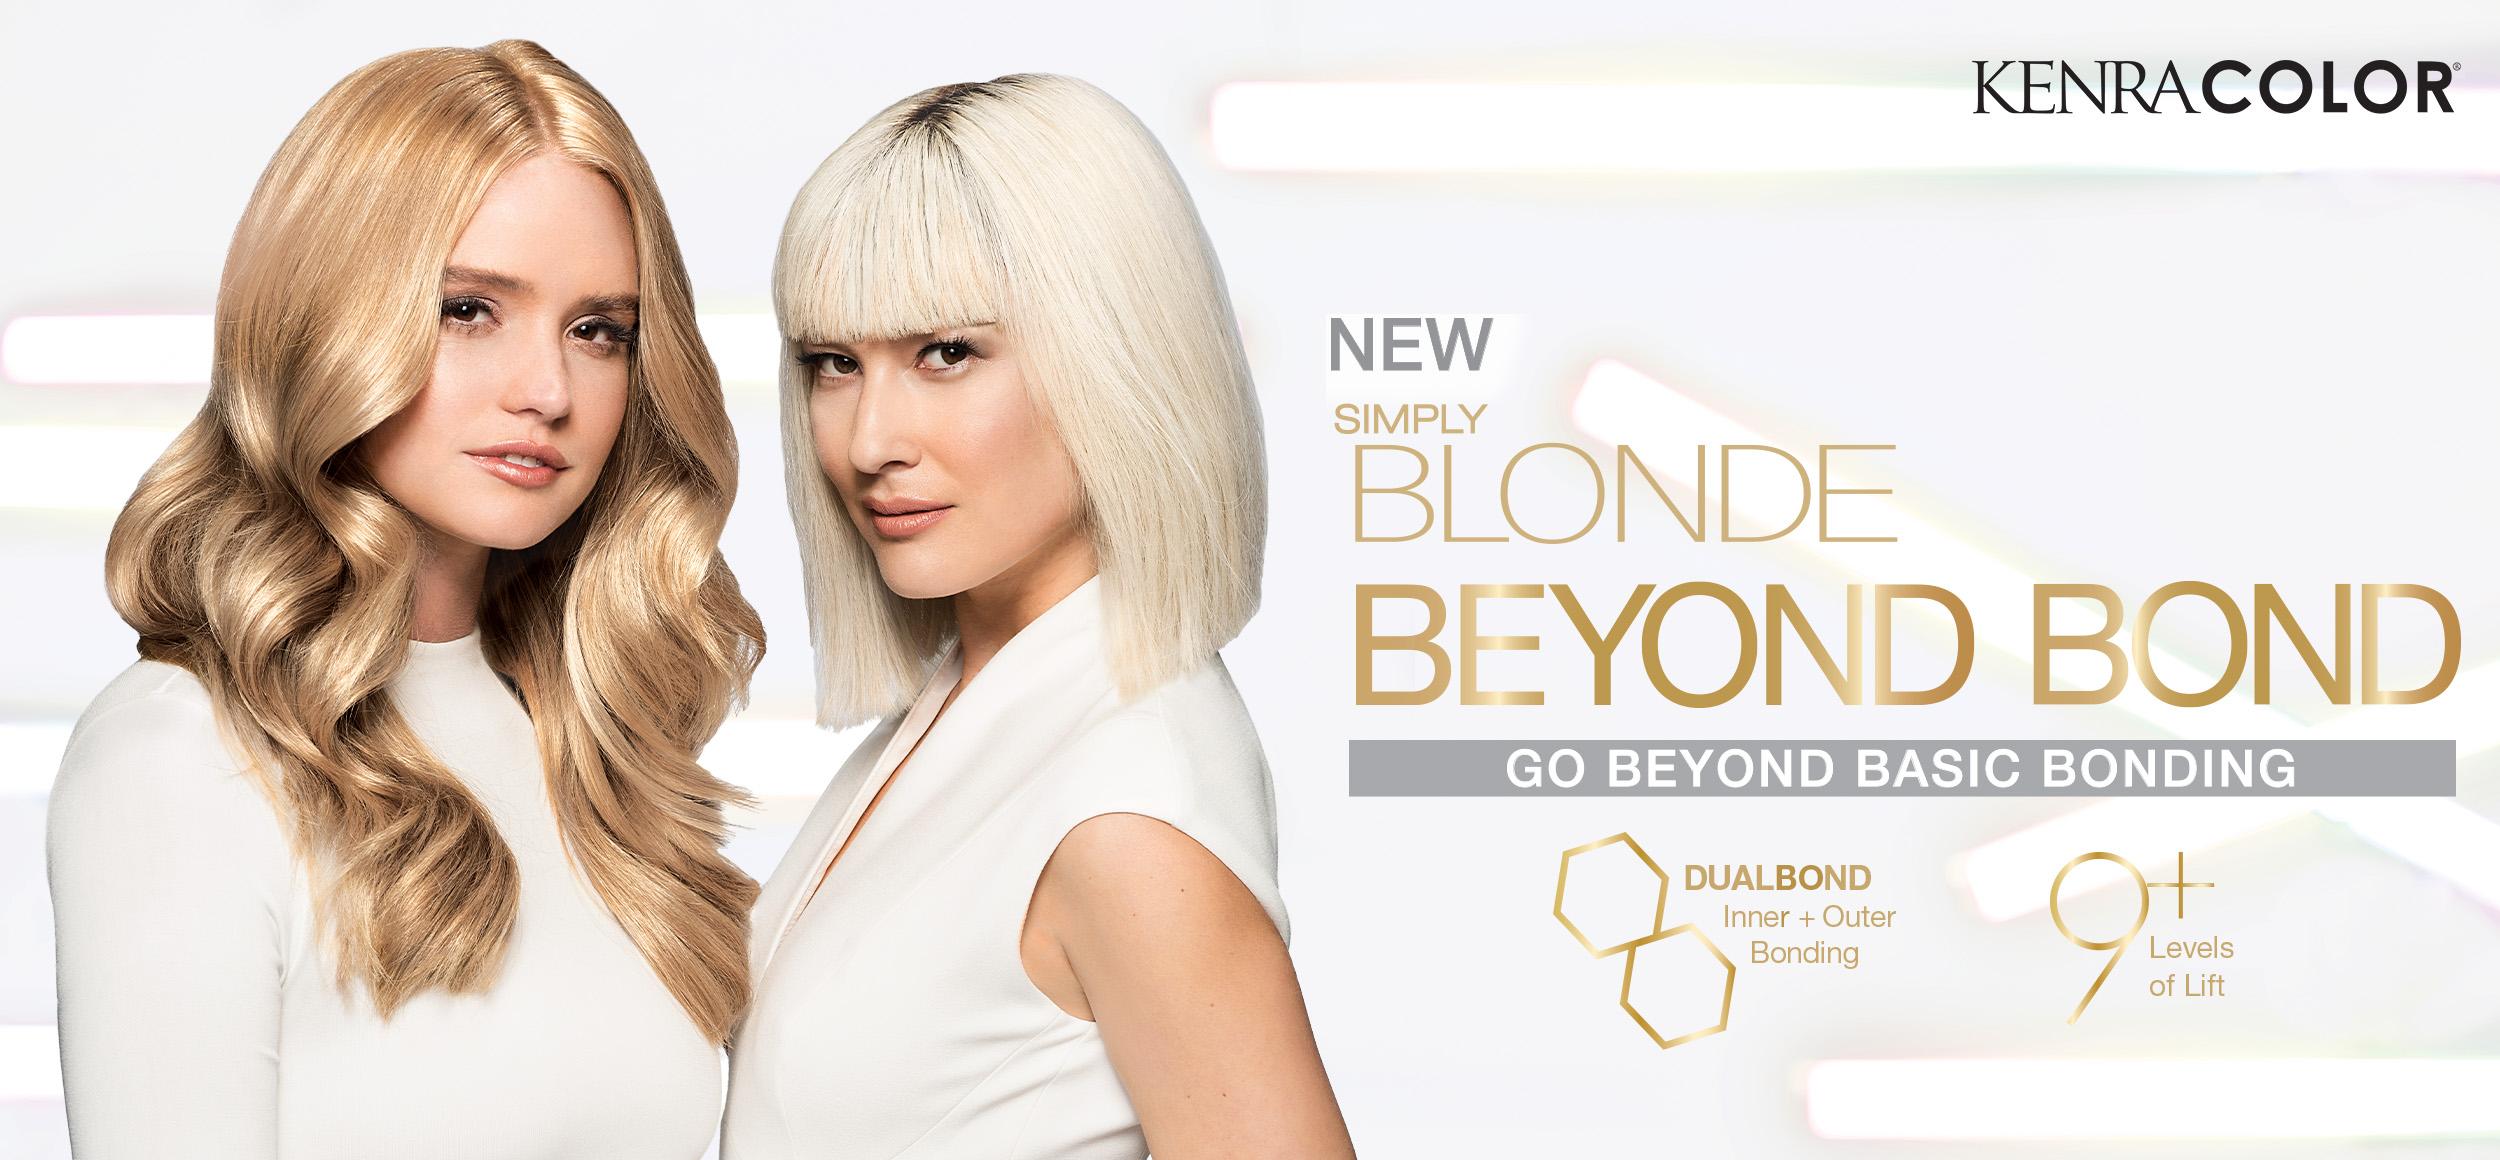 beyondbond_web_landingpage_banner.jpg